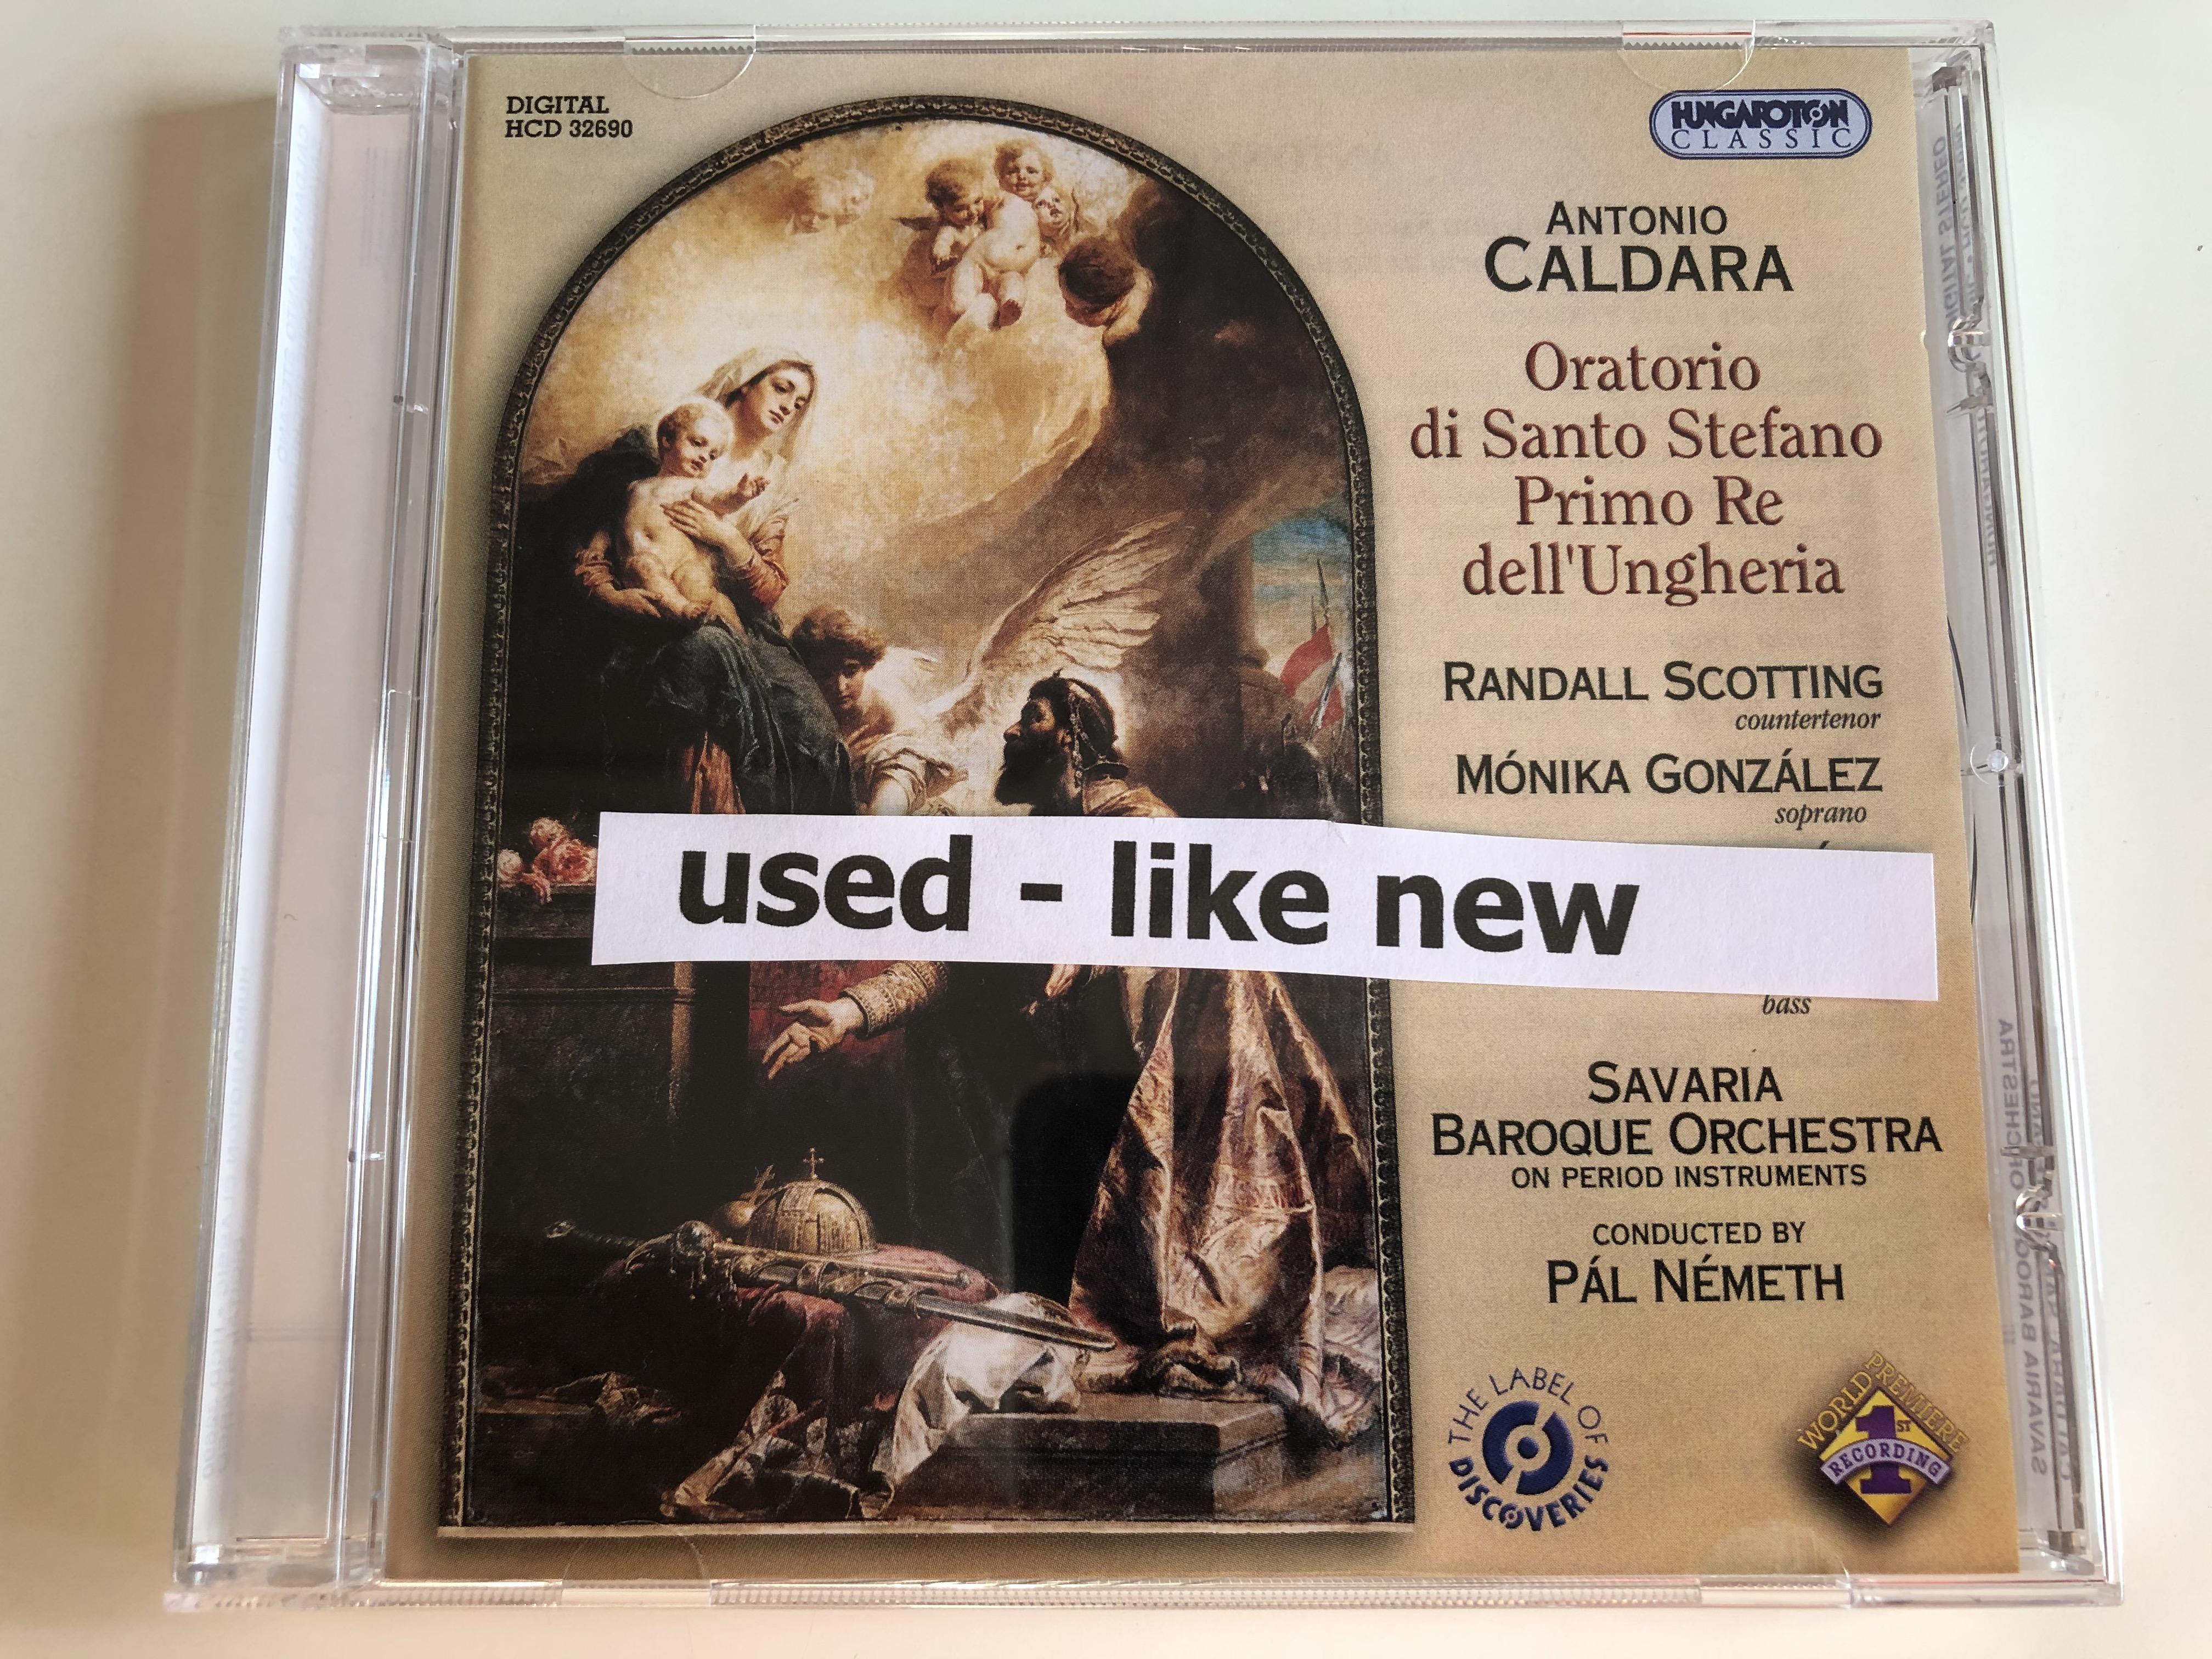 antonio-caldara-oratorio-di-santo-stefano-primo-re-dell-ungheria-randall-scotting-countertenor-monika-gonzalez-soprano-savaria-baroque-orchestra-conducted-by-pal-nemeth-hungaroton-12-.jpg